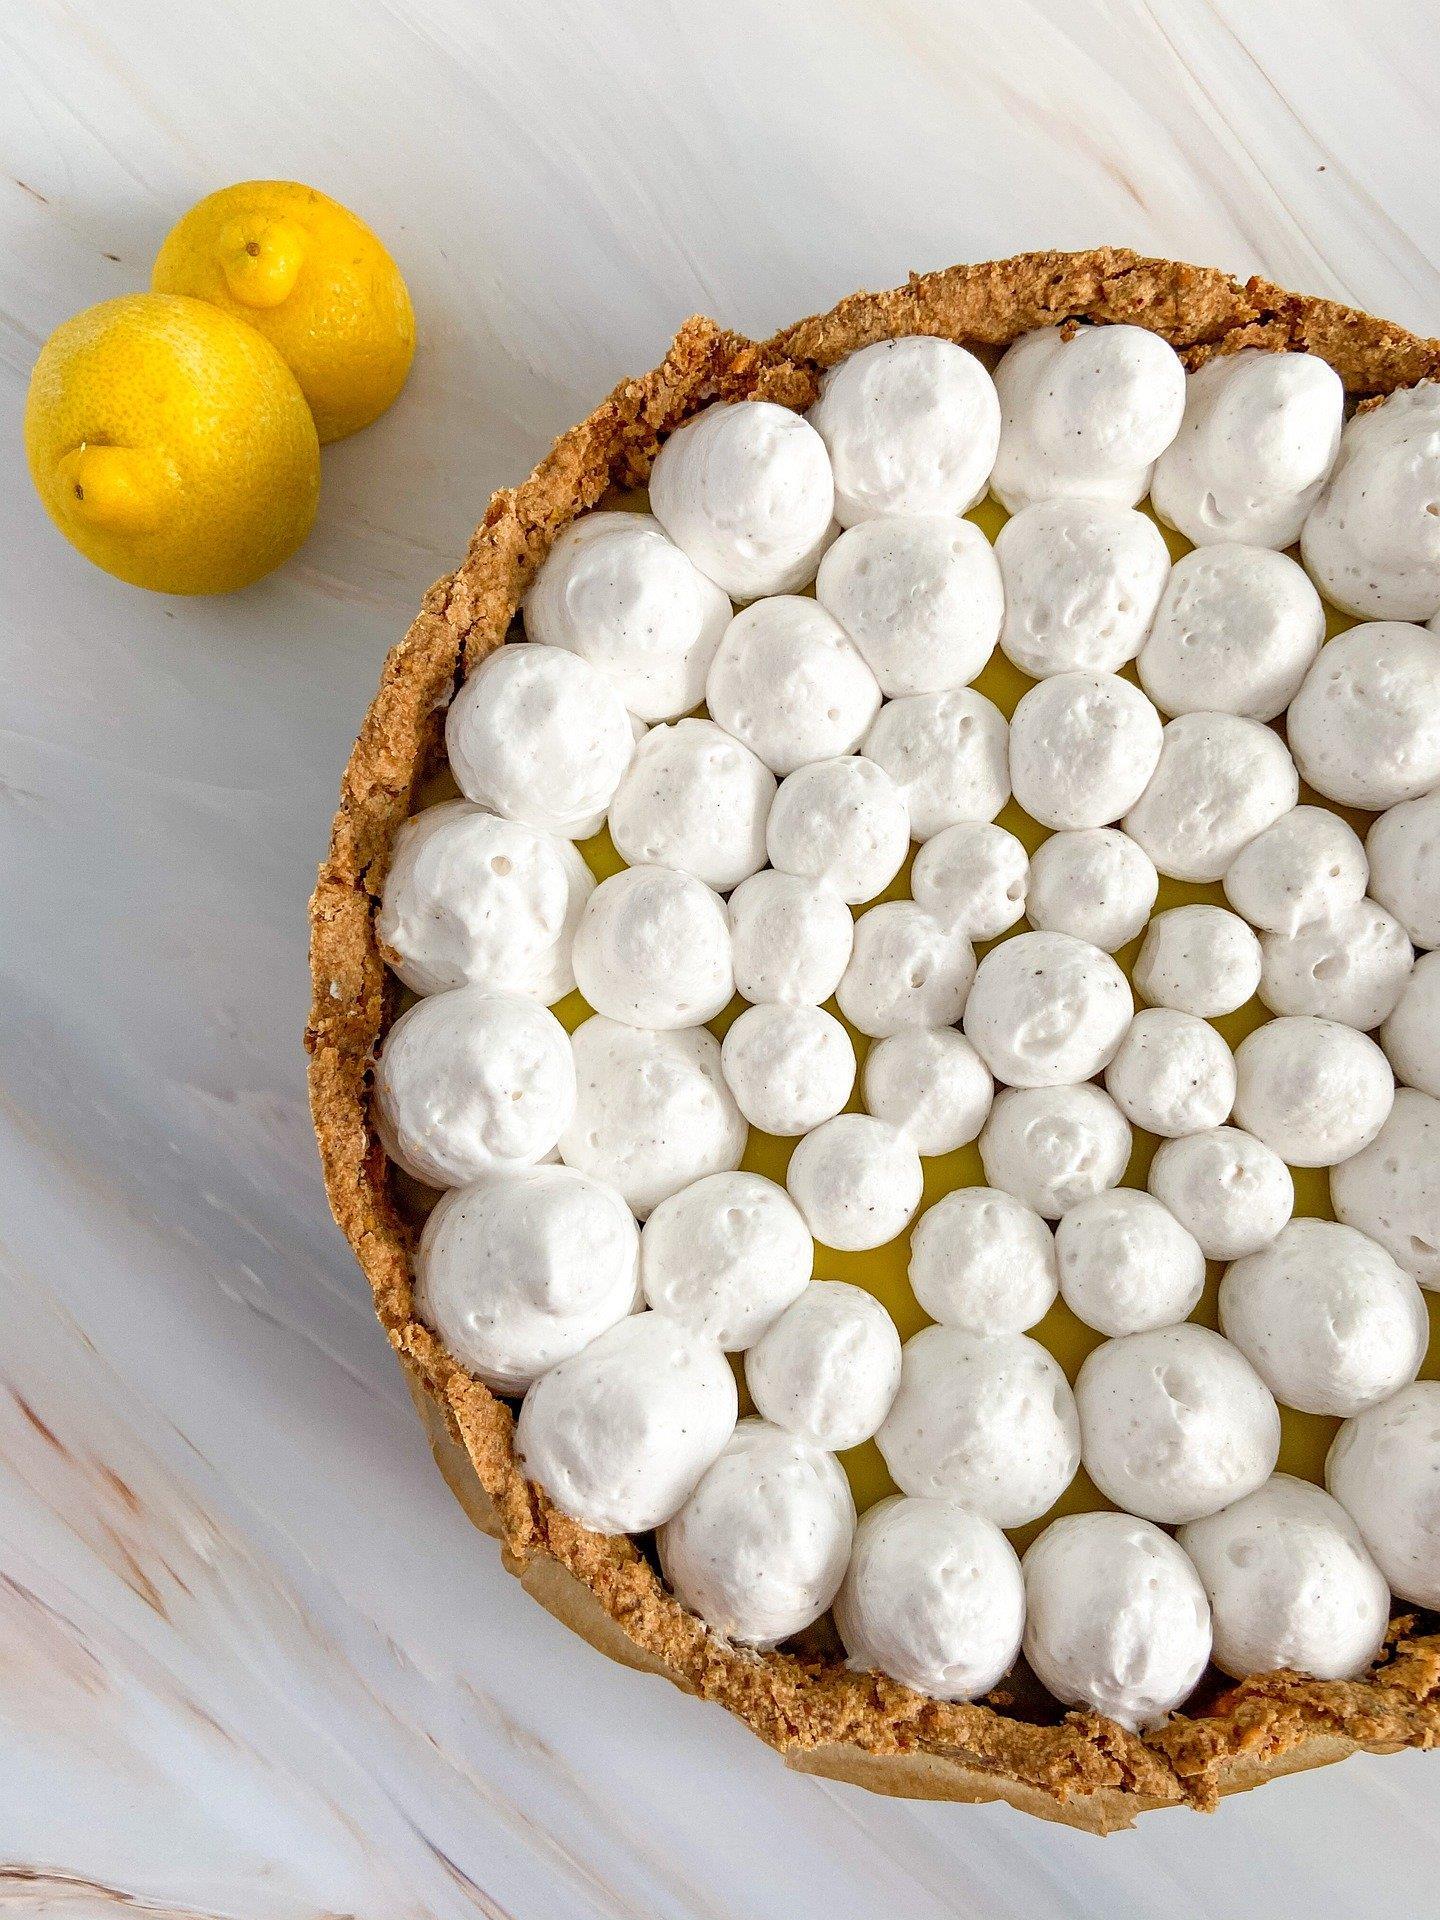 Torta leve de limão